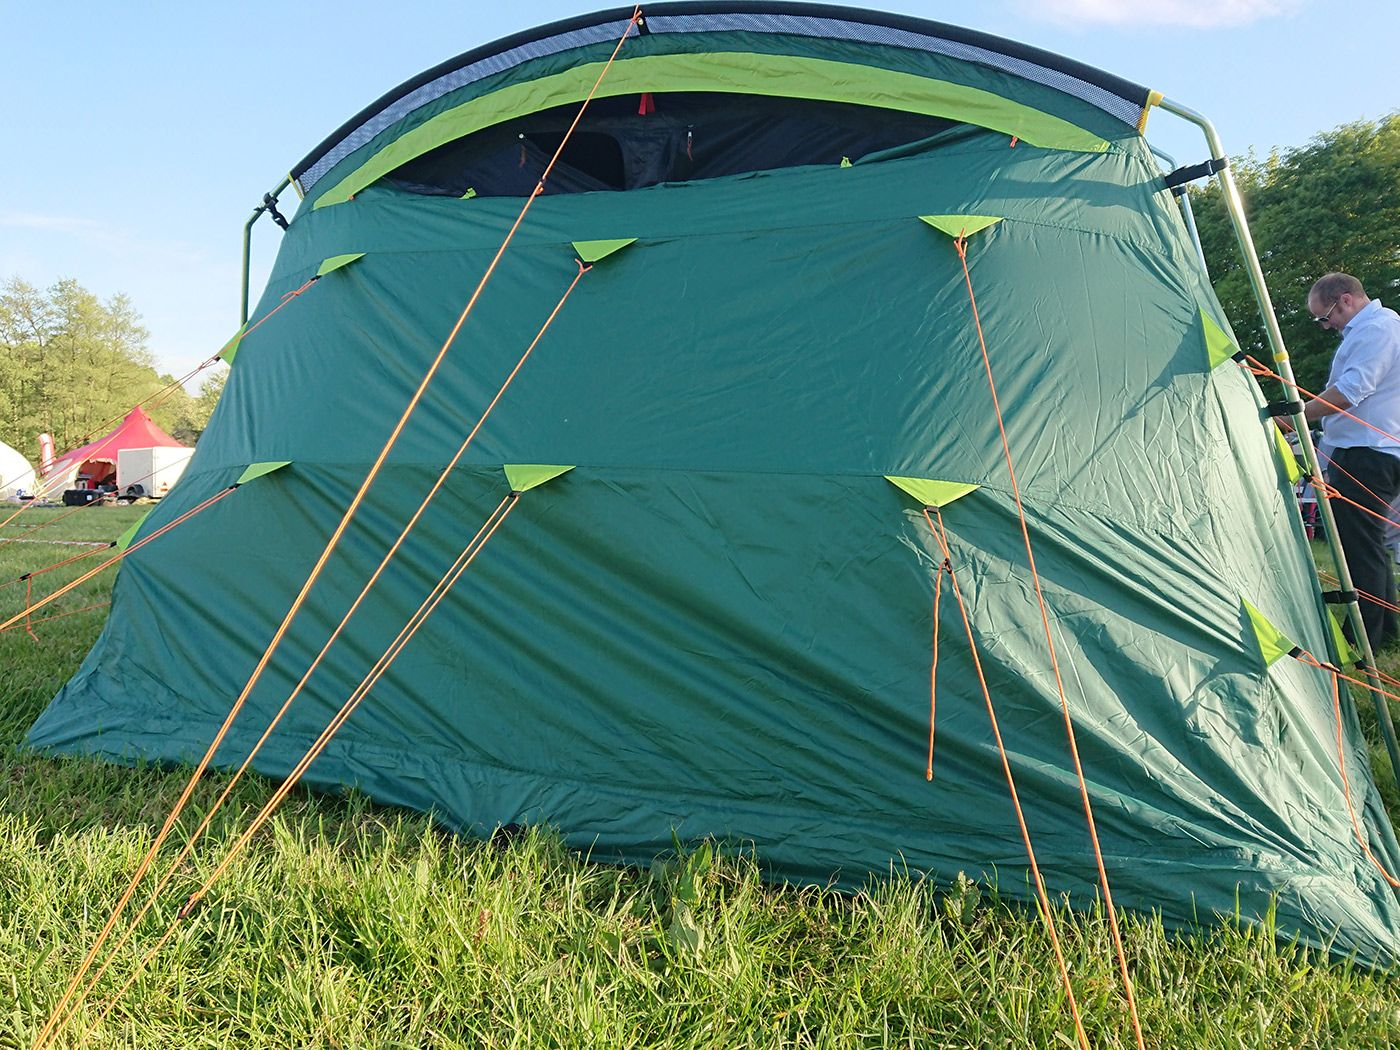 Royal Nevada 10 Select ZG Tent Reviews